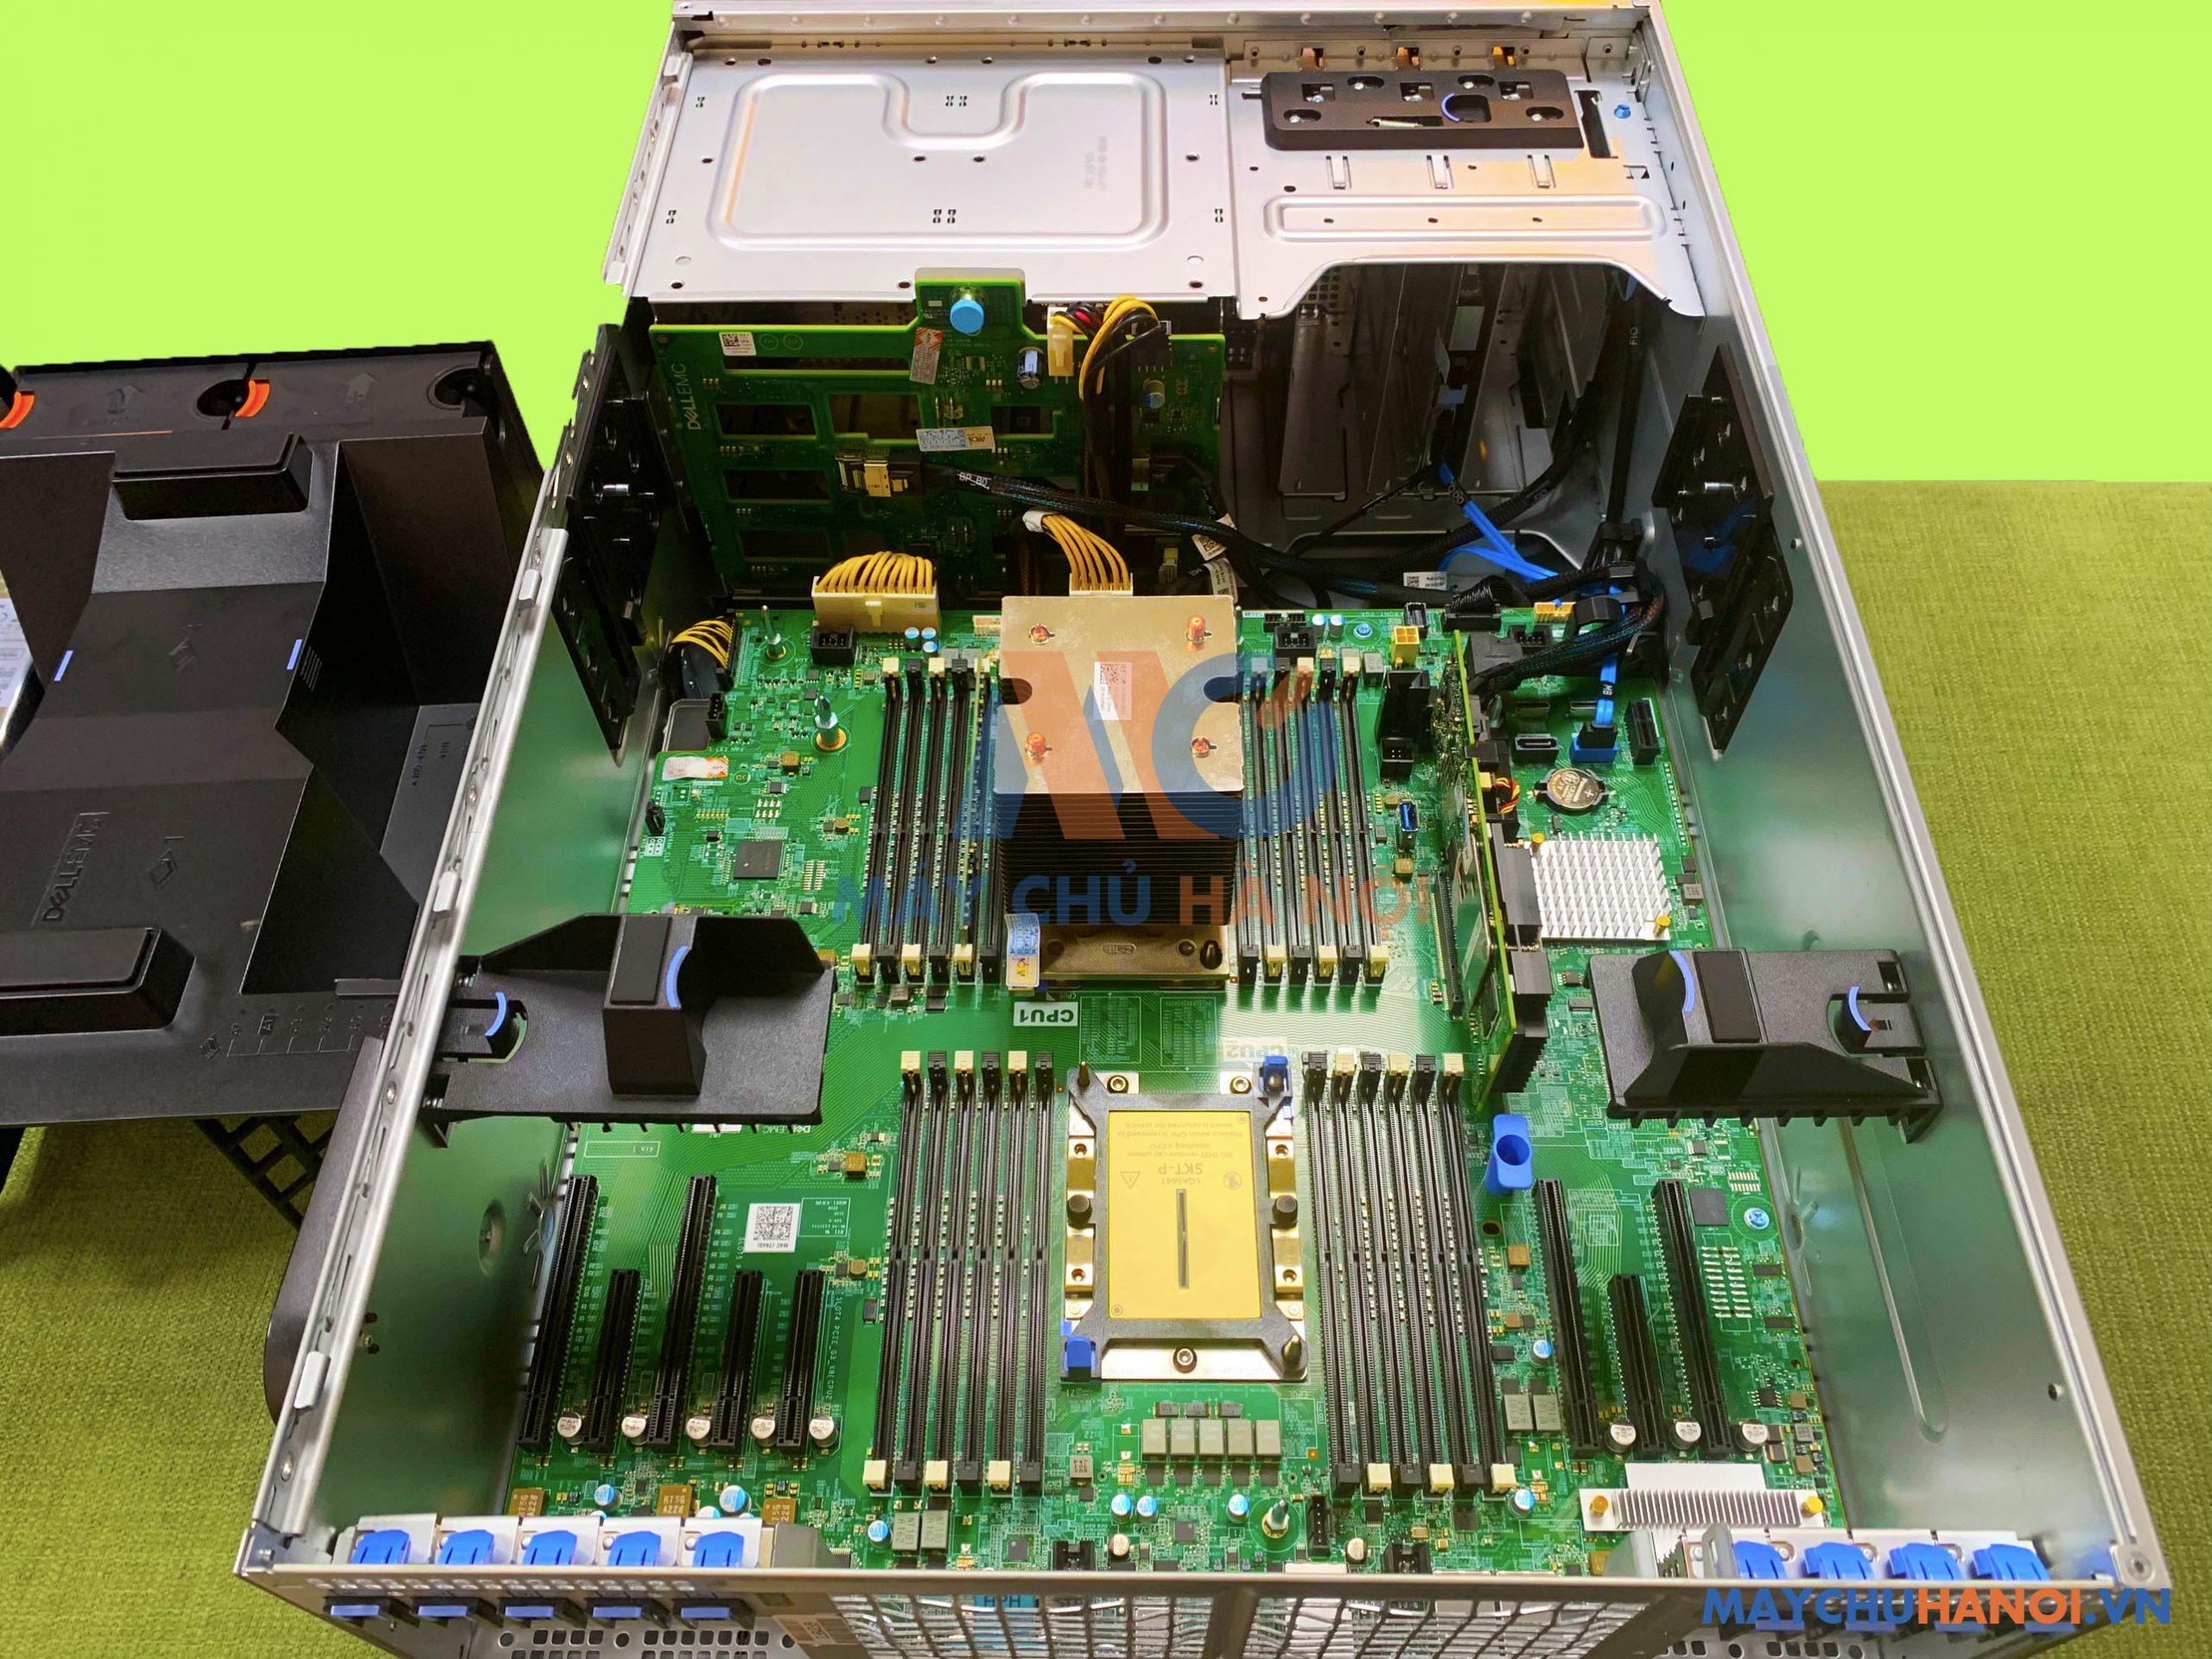 [Review] Máy chủ Dell EMC T640 – Máy chủ 2 socket hiệu suất và dung lượng lớn nhất trong các dòng máy chủ.